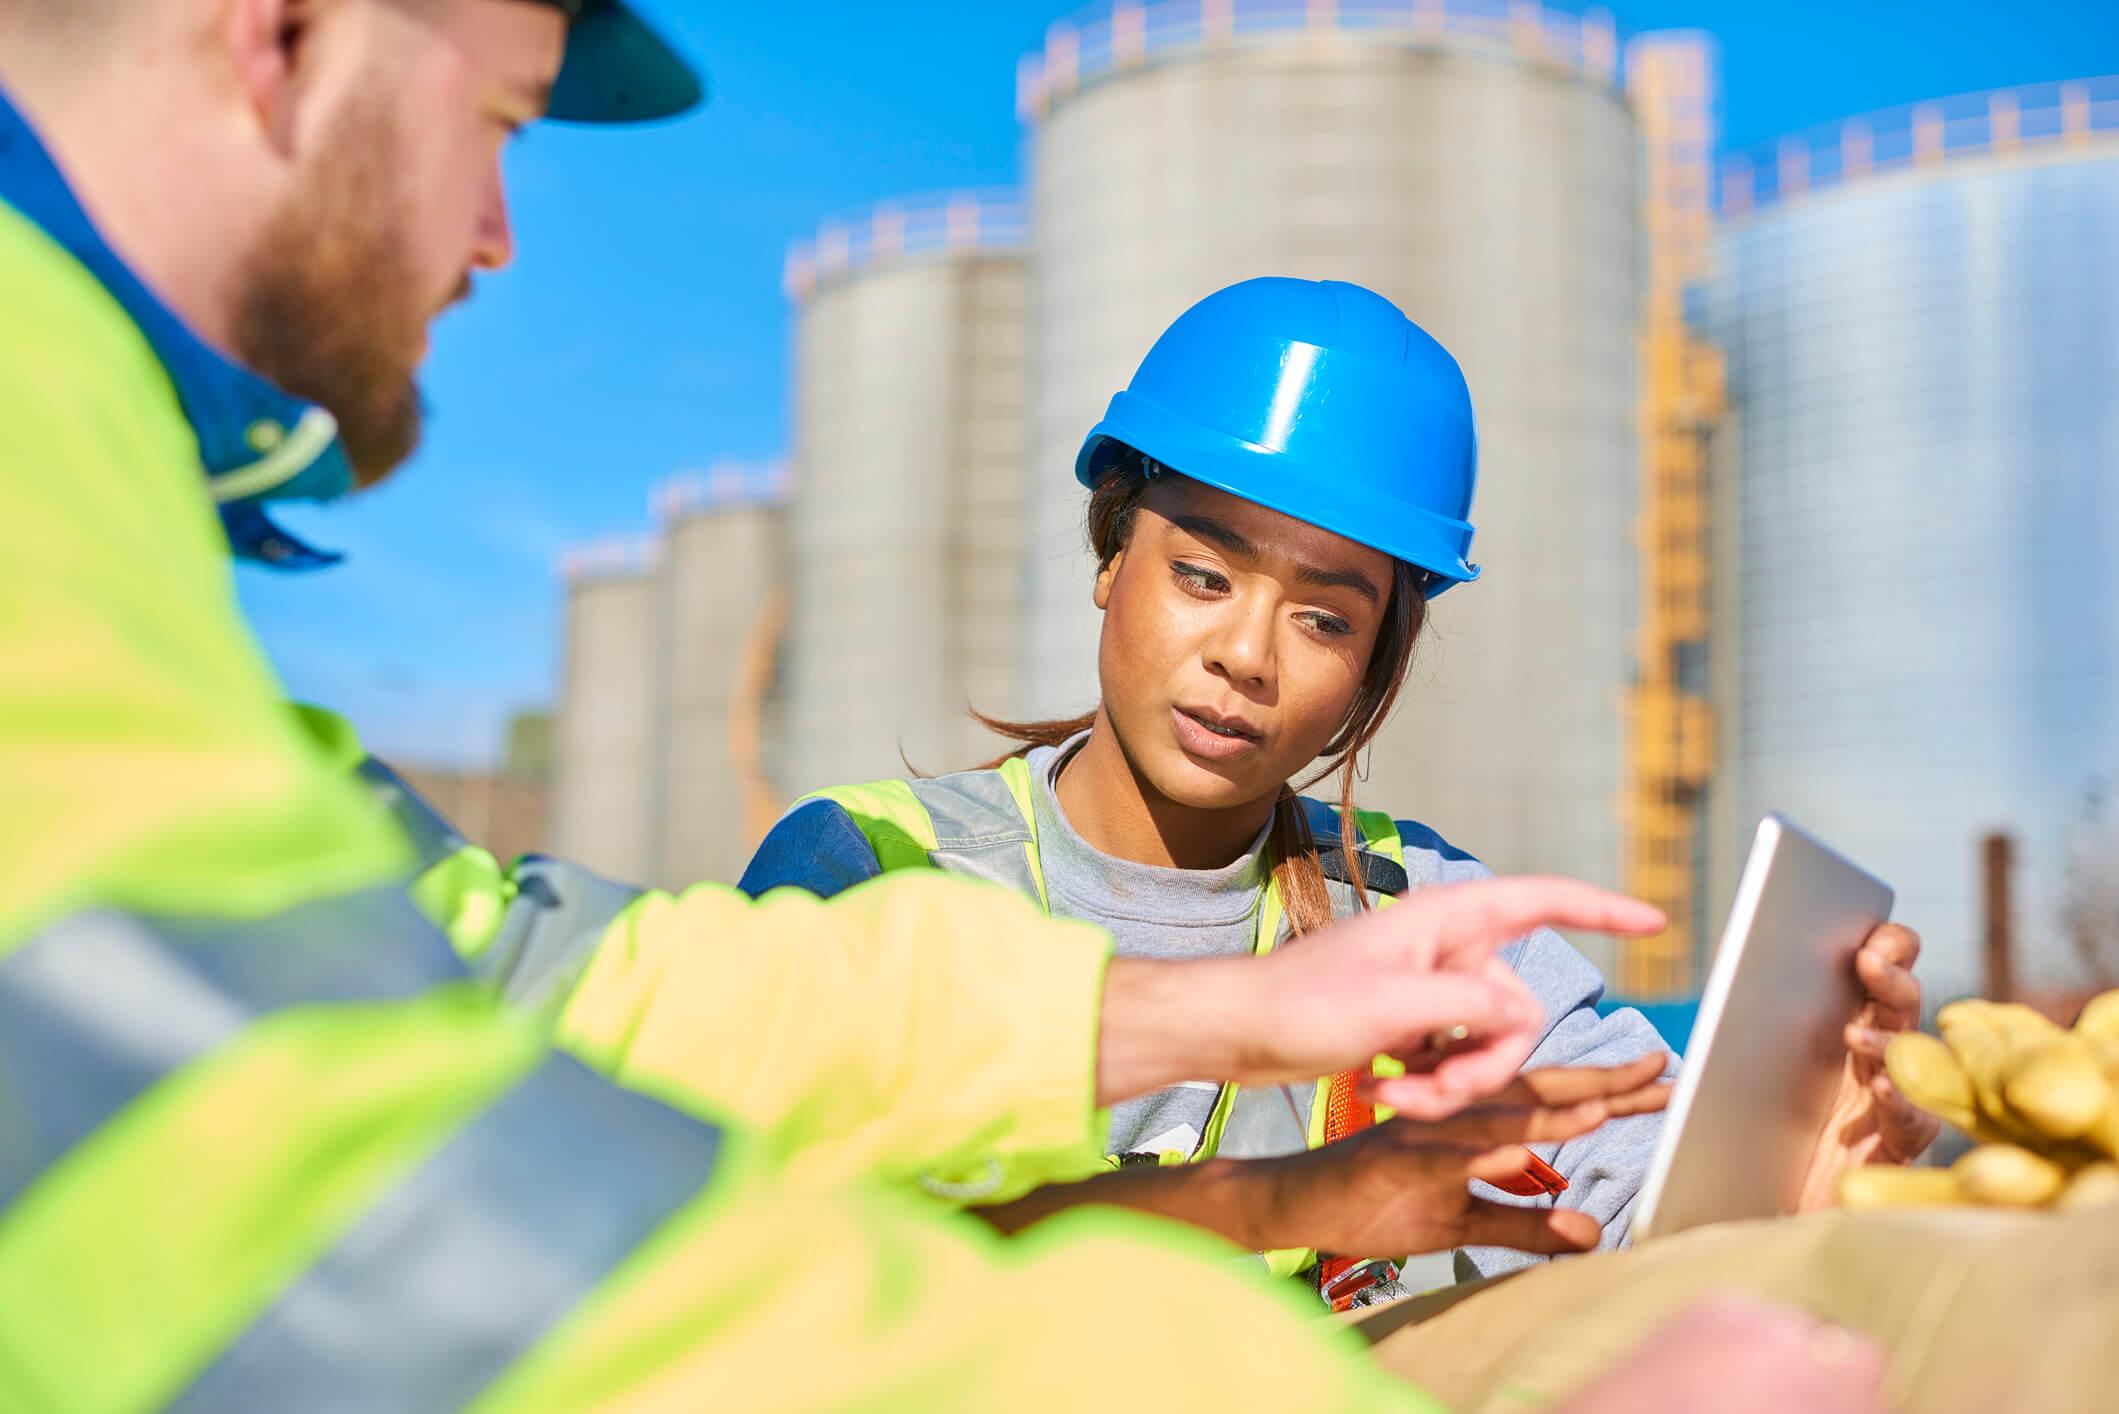 Diário de obra digital: veja 4 benefícios para o controle das atividades